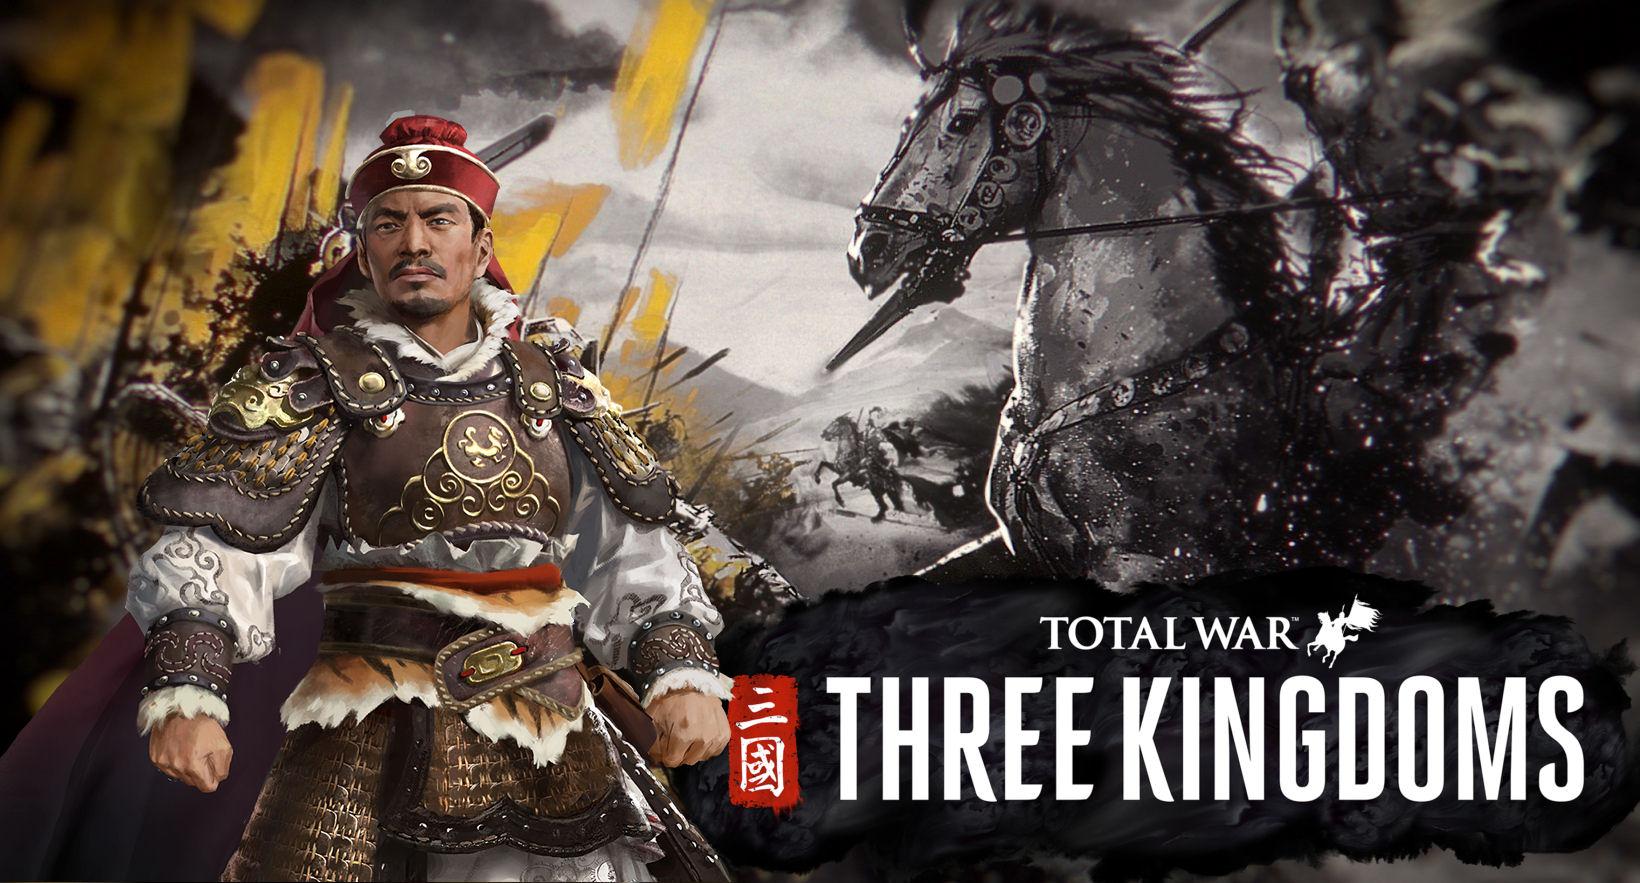 Steam Workshop :: Total War Three Kingdoms Mod Collection